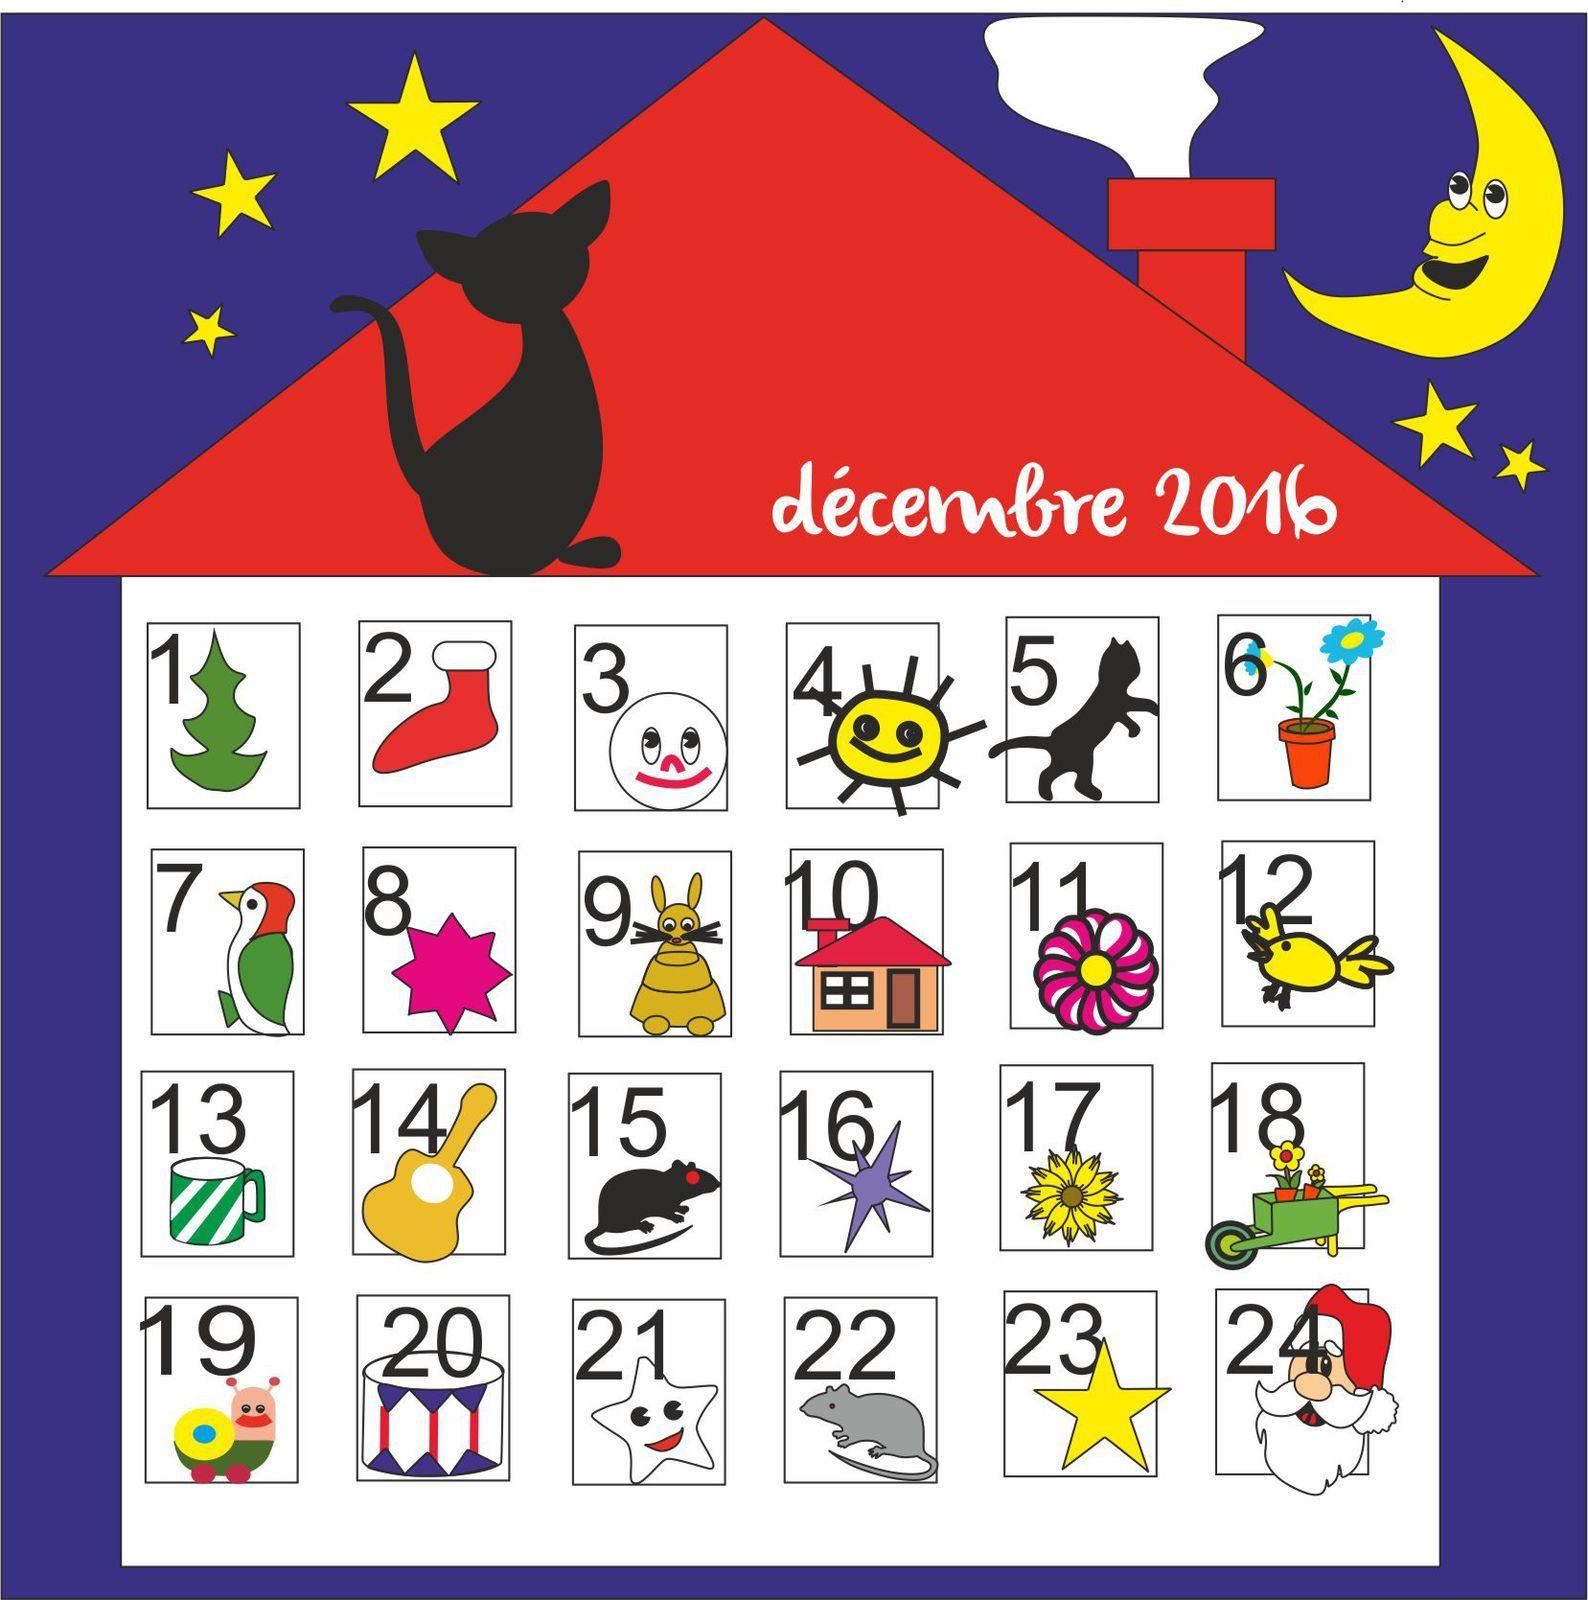 25 NOVEMBRE 2016 - INFOS DU CIQ